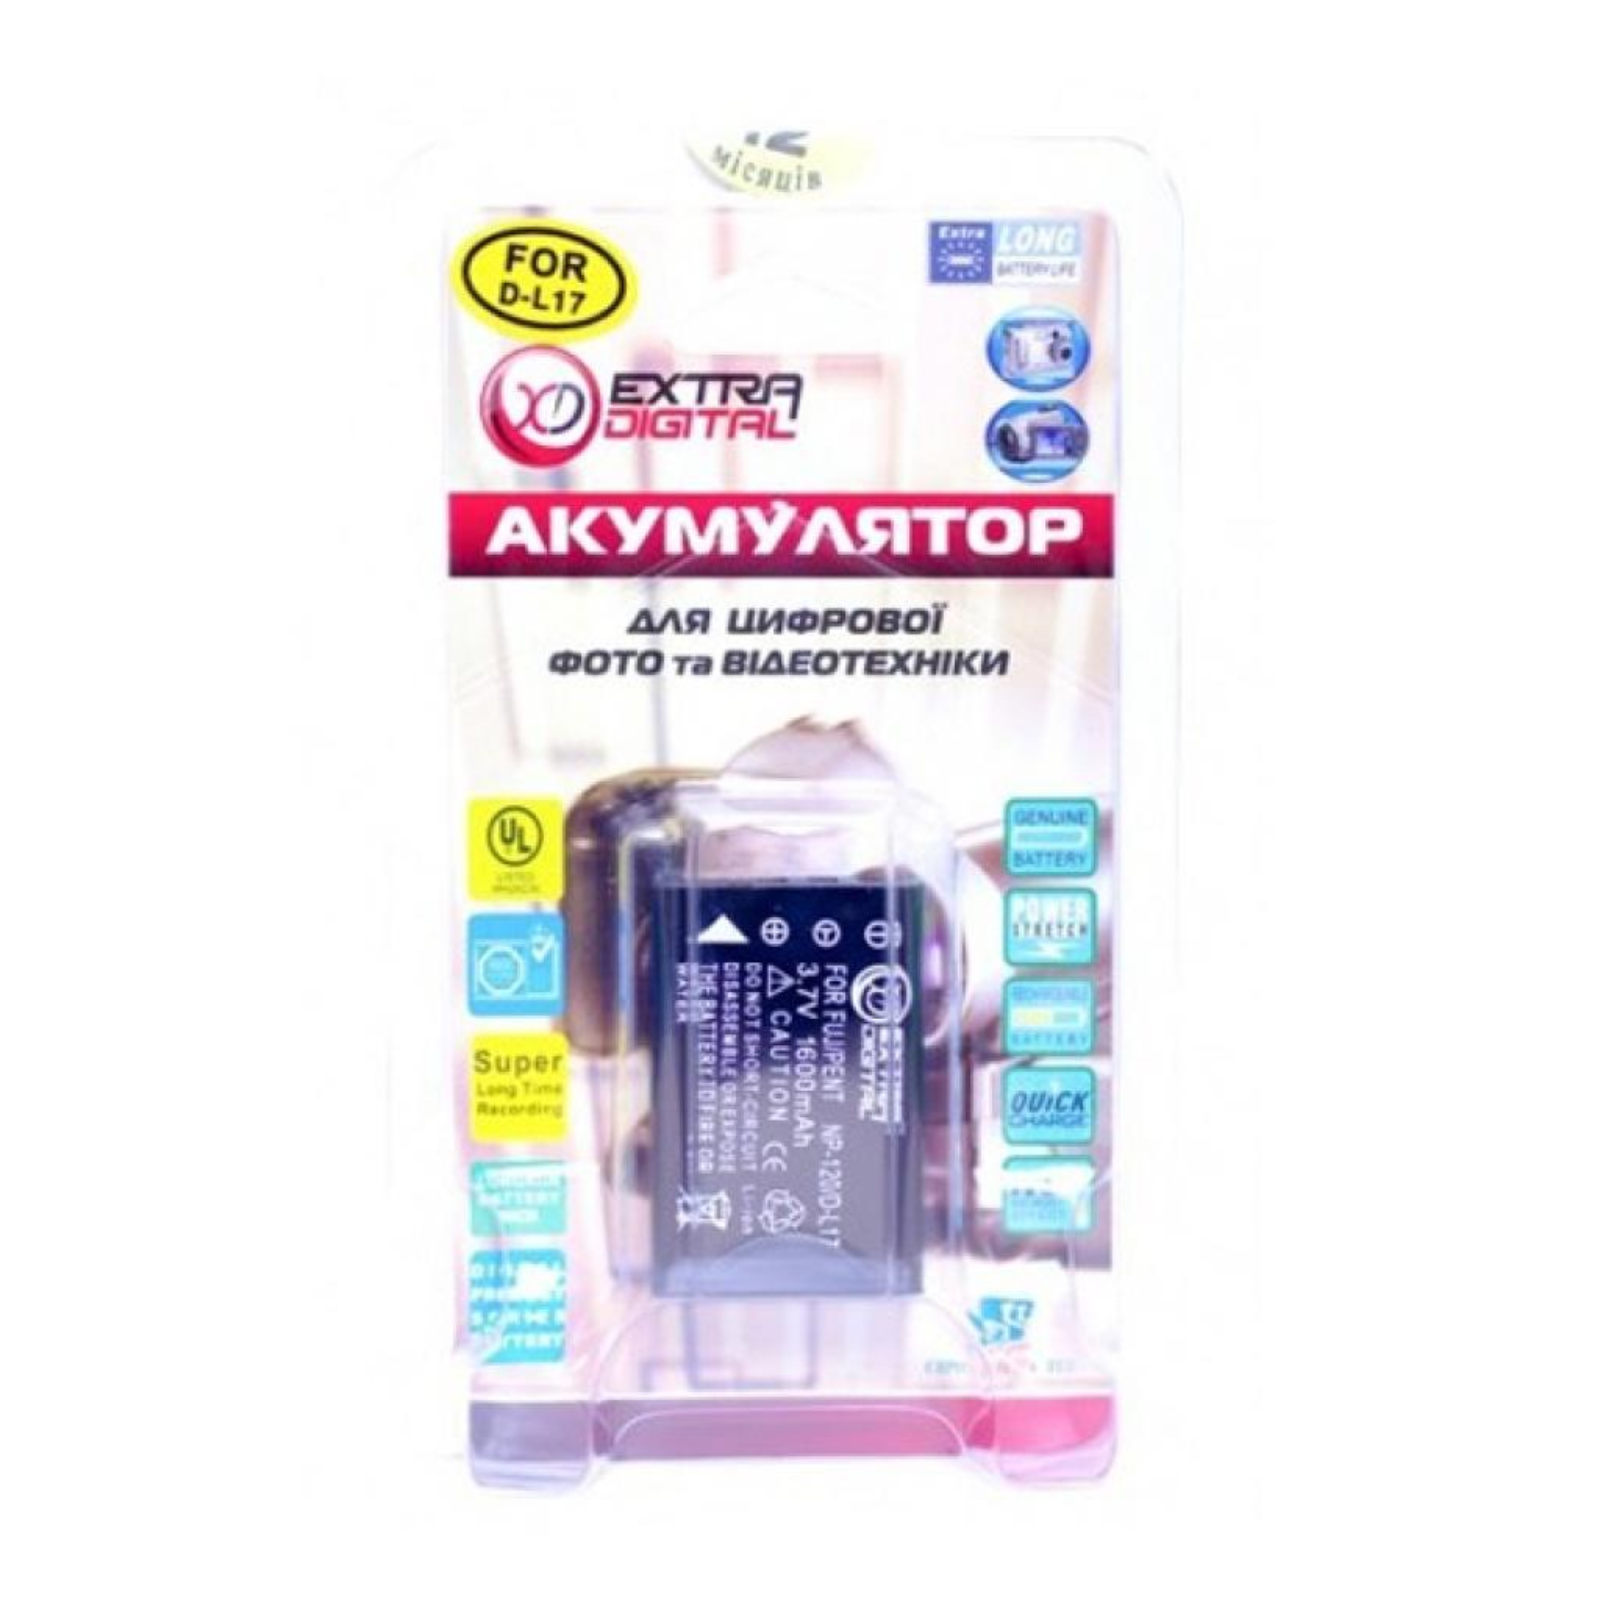 Аккумулятор к фото/видео EXTRADIGITAL Pentax D-LI7 (DV00DV1350) изображение 3